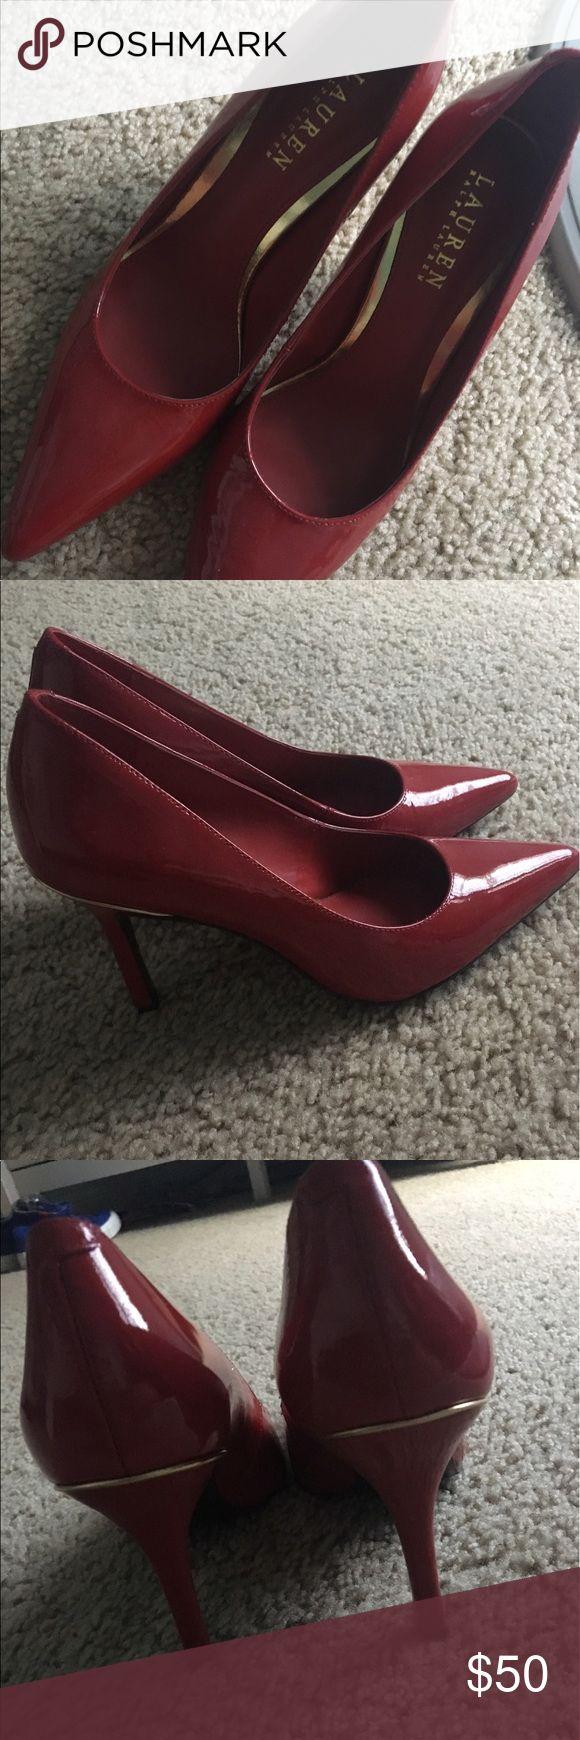 Red Polo Ralph Lauren Heels Super cute NEVER WORN red polo heels! Super classy and sassy! Polo by Ralph Lauren Shoes Heels